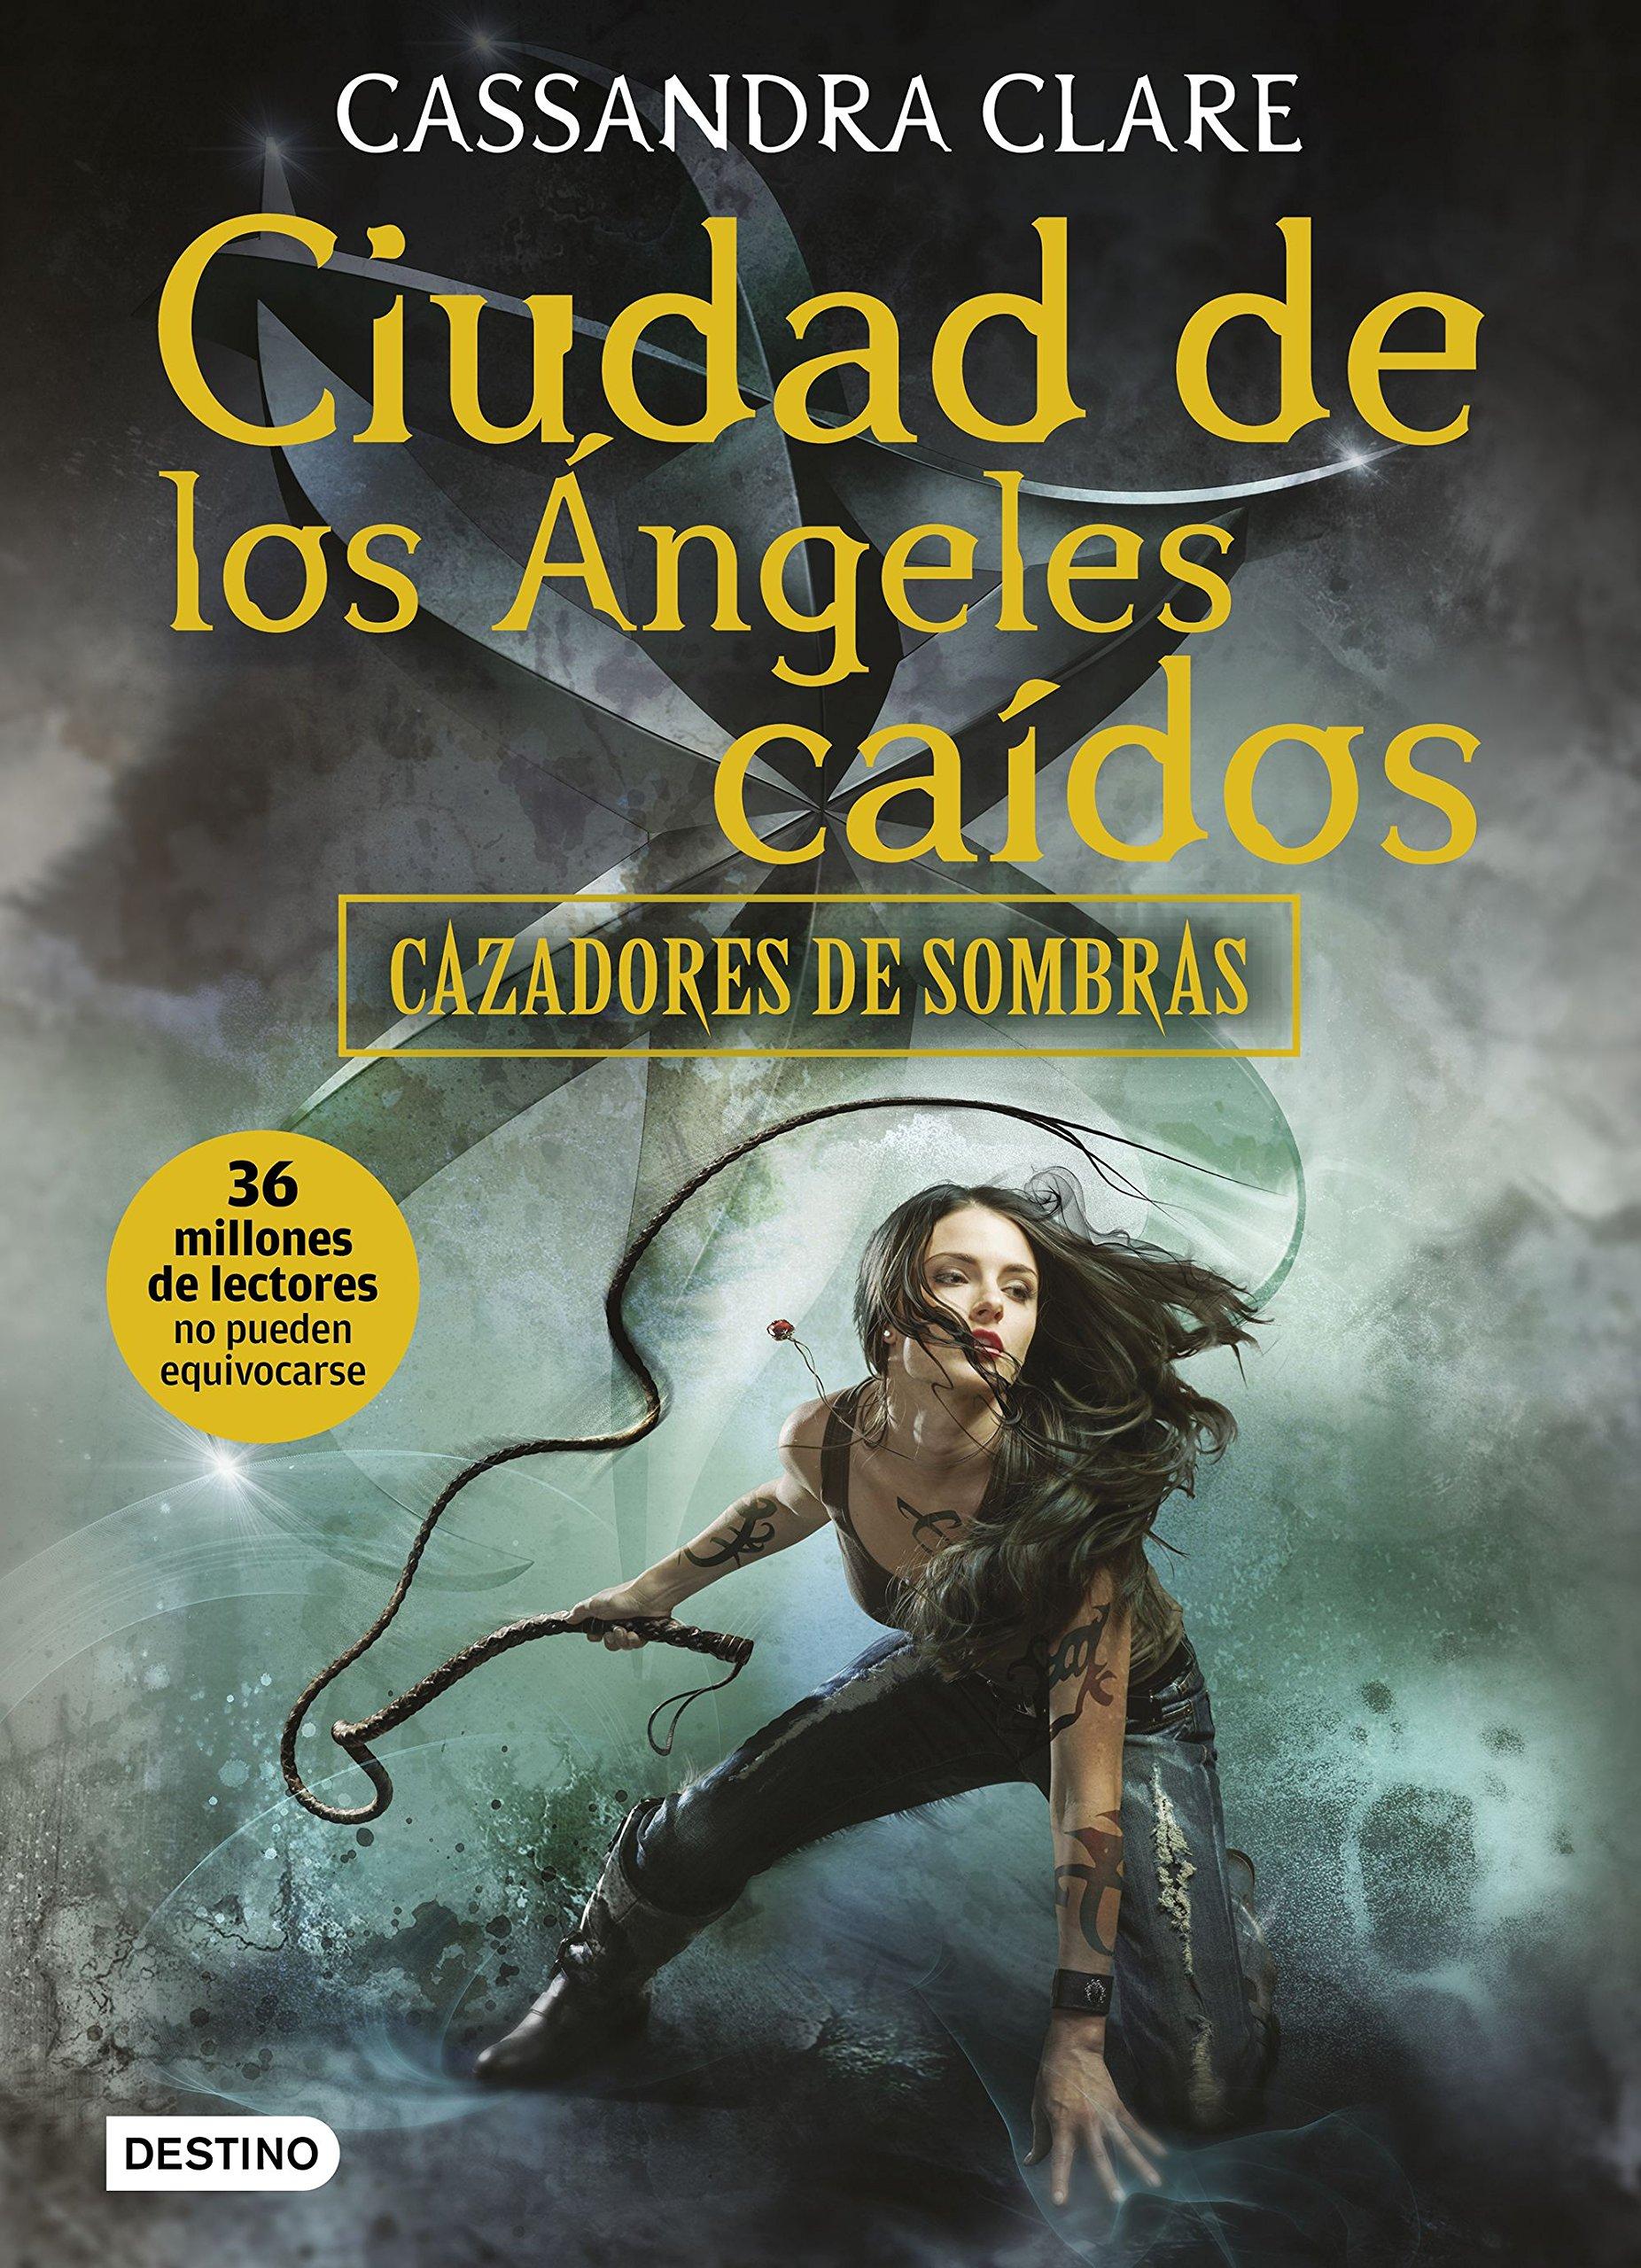 Cazadores de sombras 4. Ciudad de los ángeles caídos